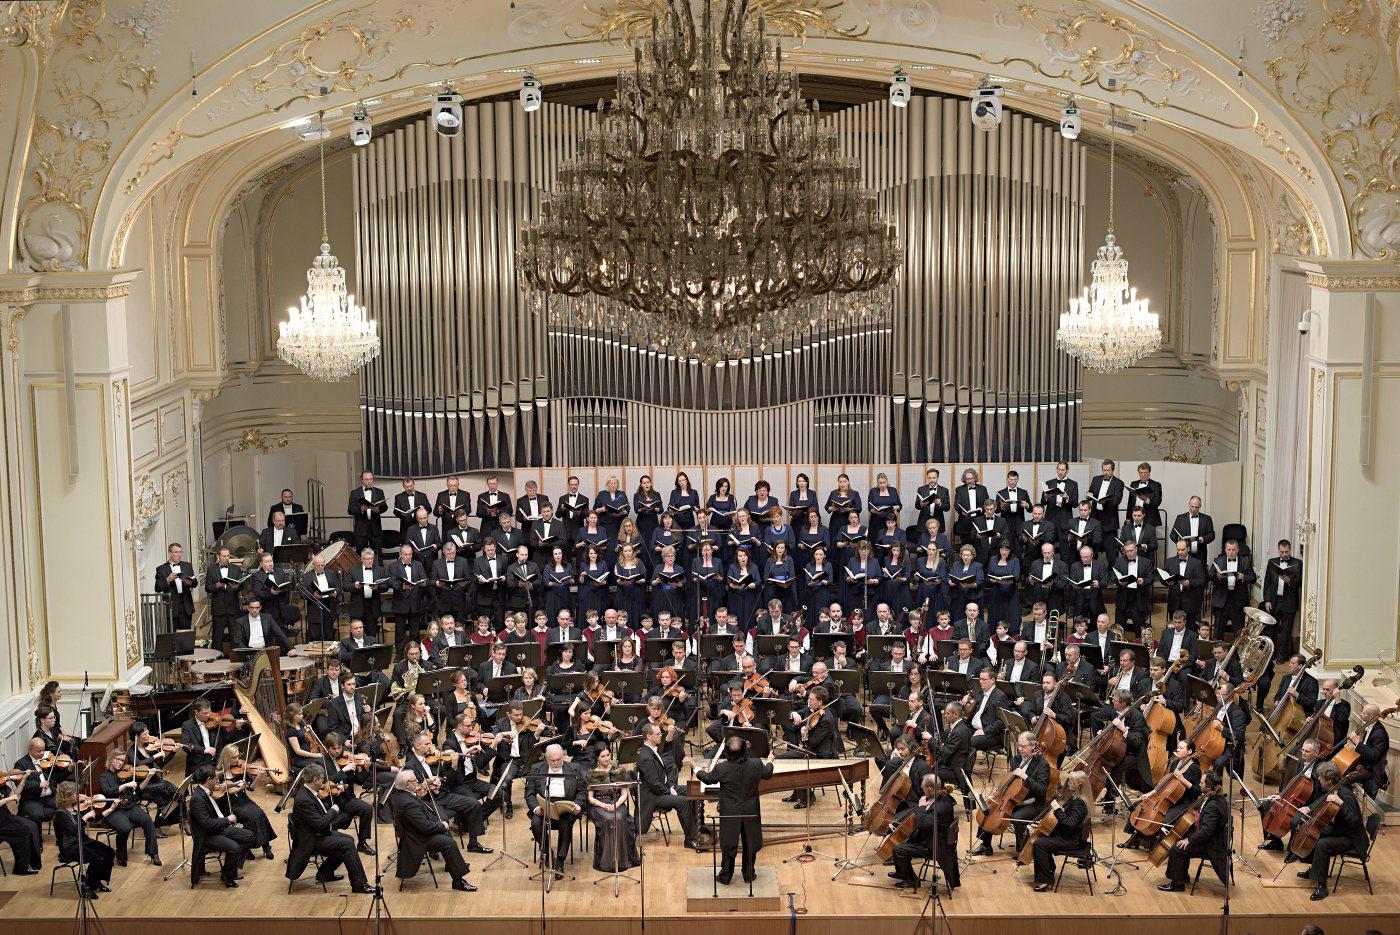 Slovenská filharmónia, Slovenský filharmonický zbor © Jan Lukas